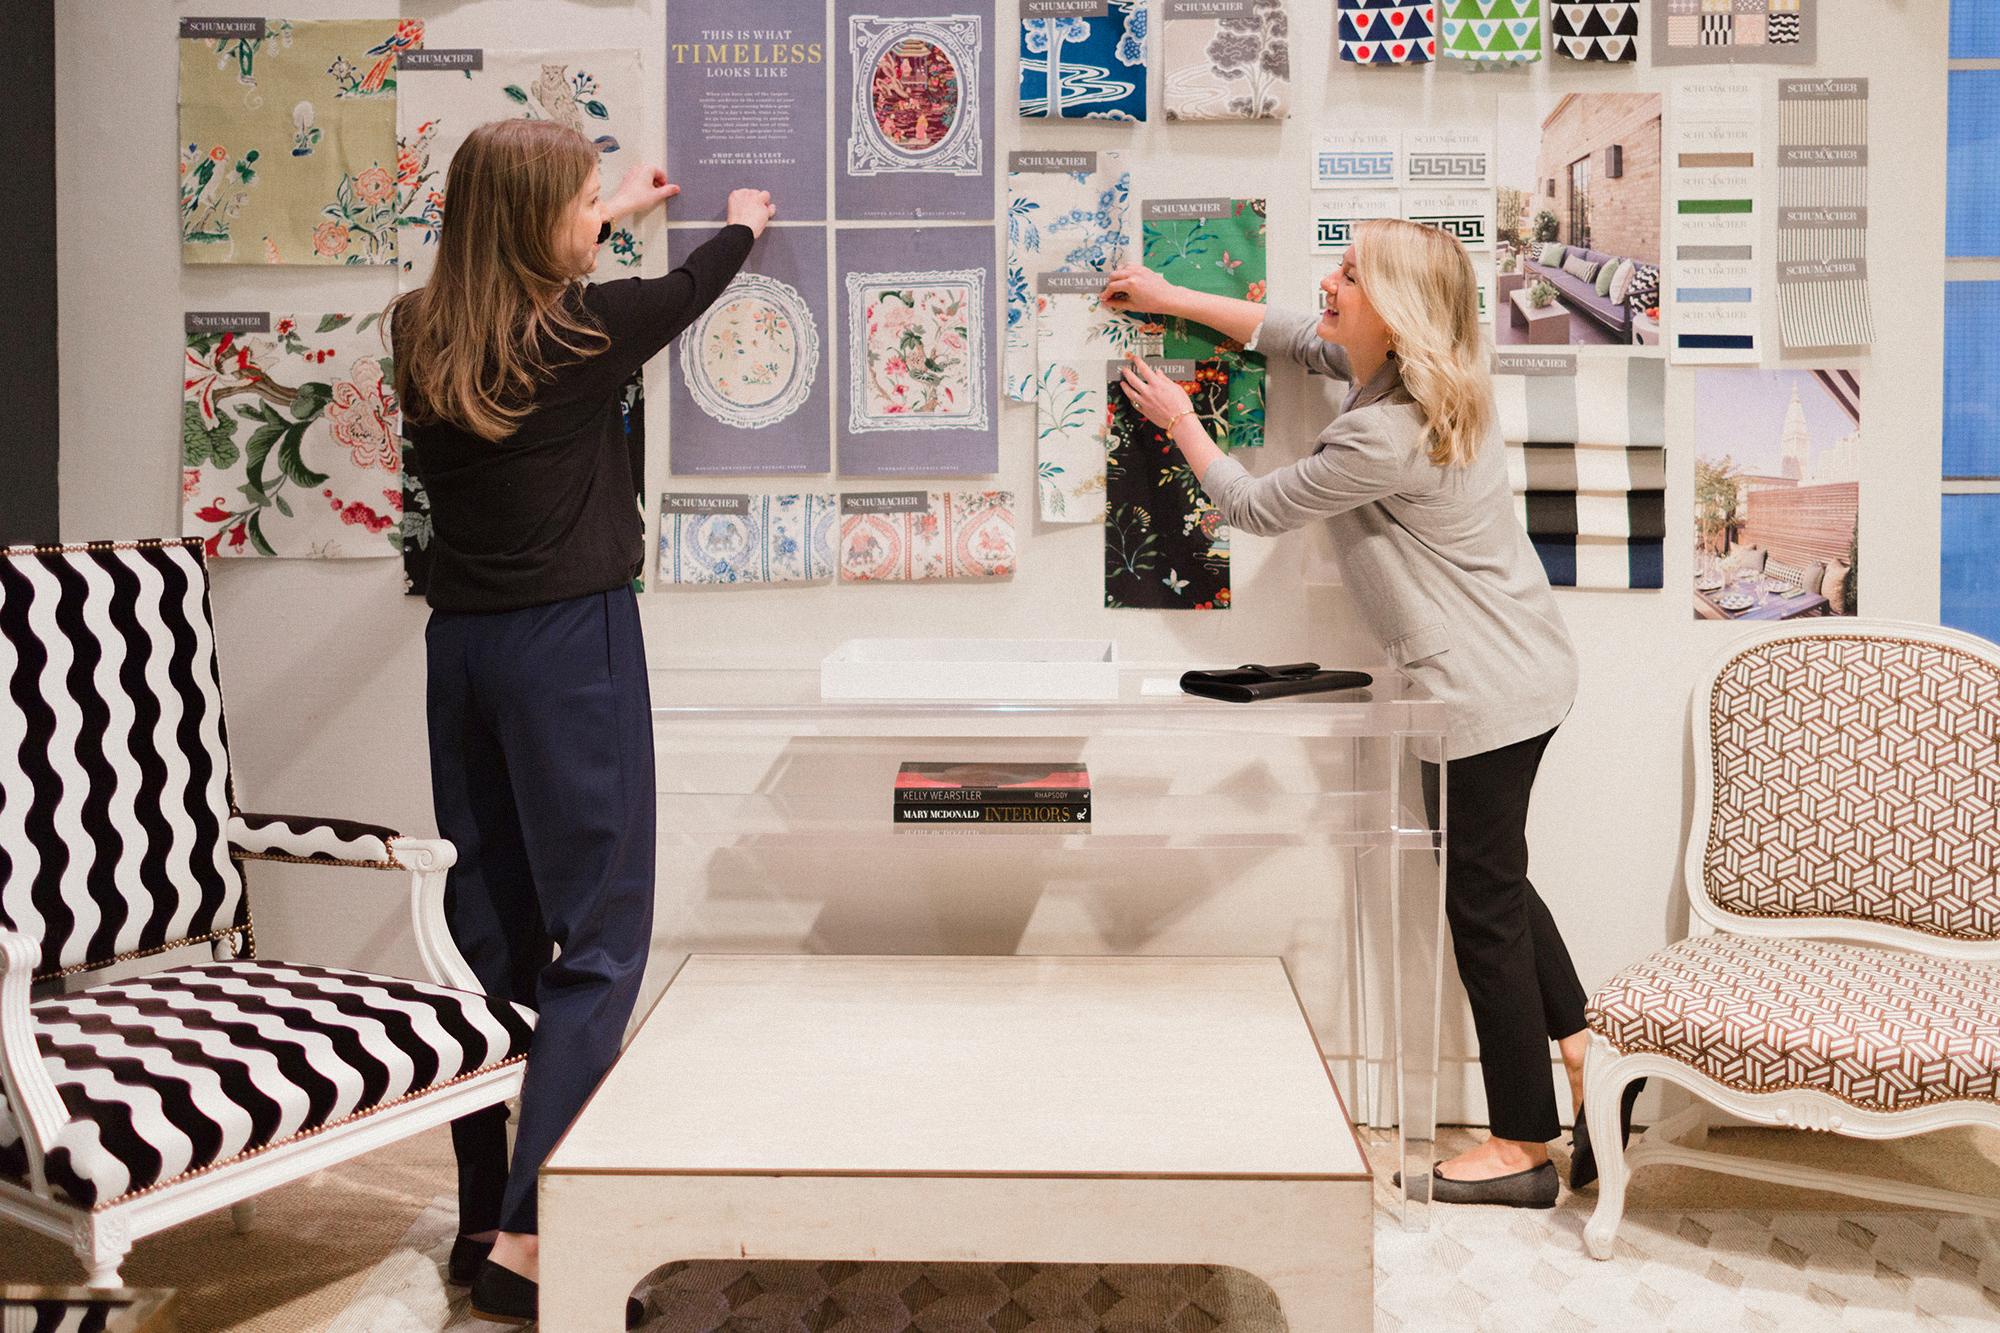 Alyssa Kapito and Vivian Muller of Kapito Muller Interior Design